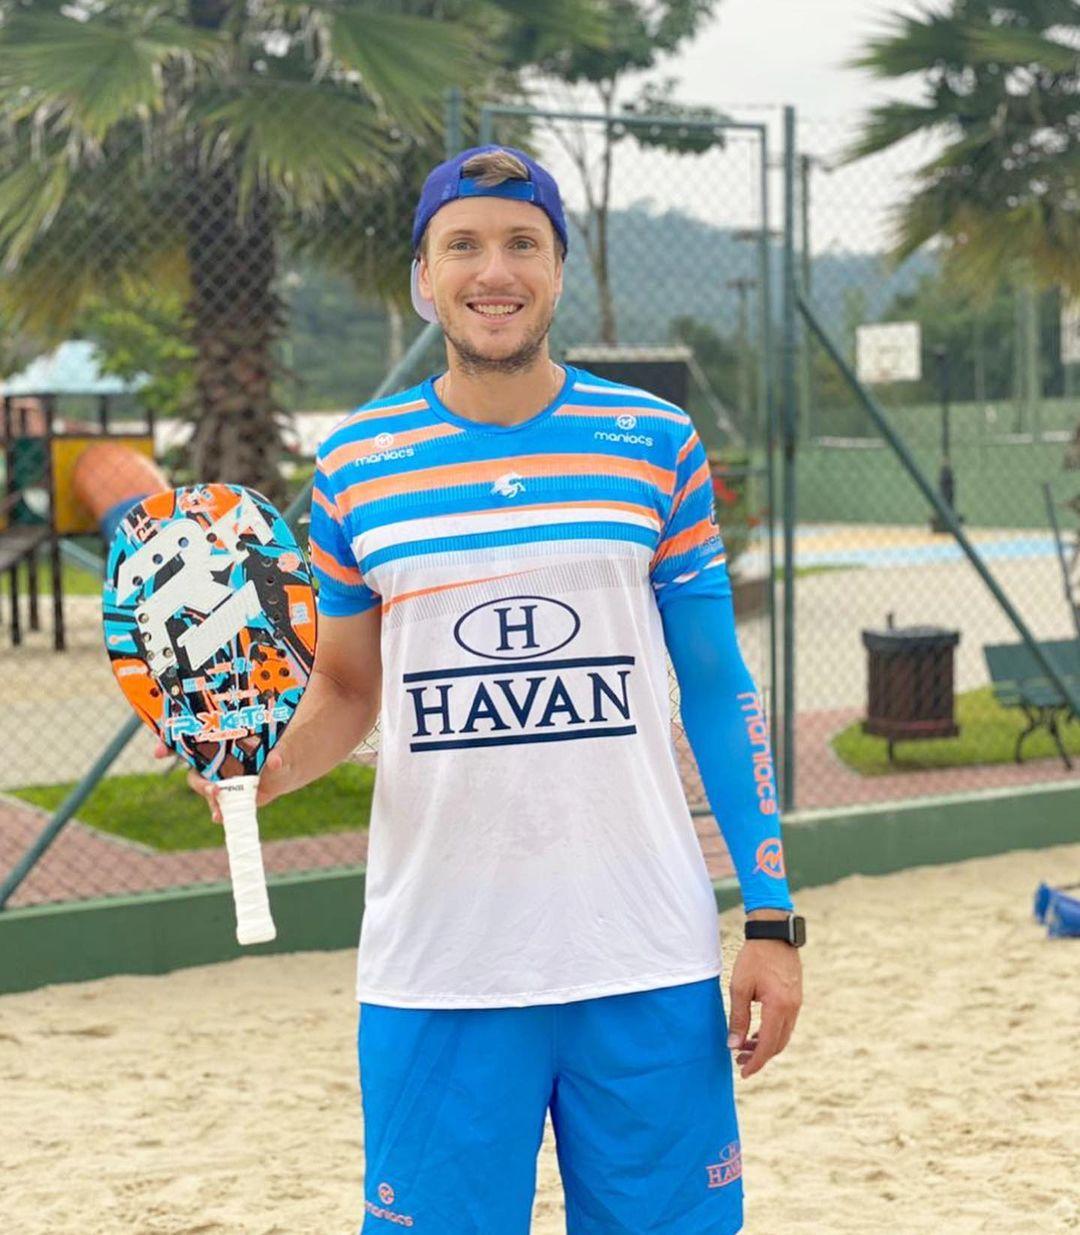 André Baran participa de competição nos Emirados Árabes Unidos